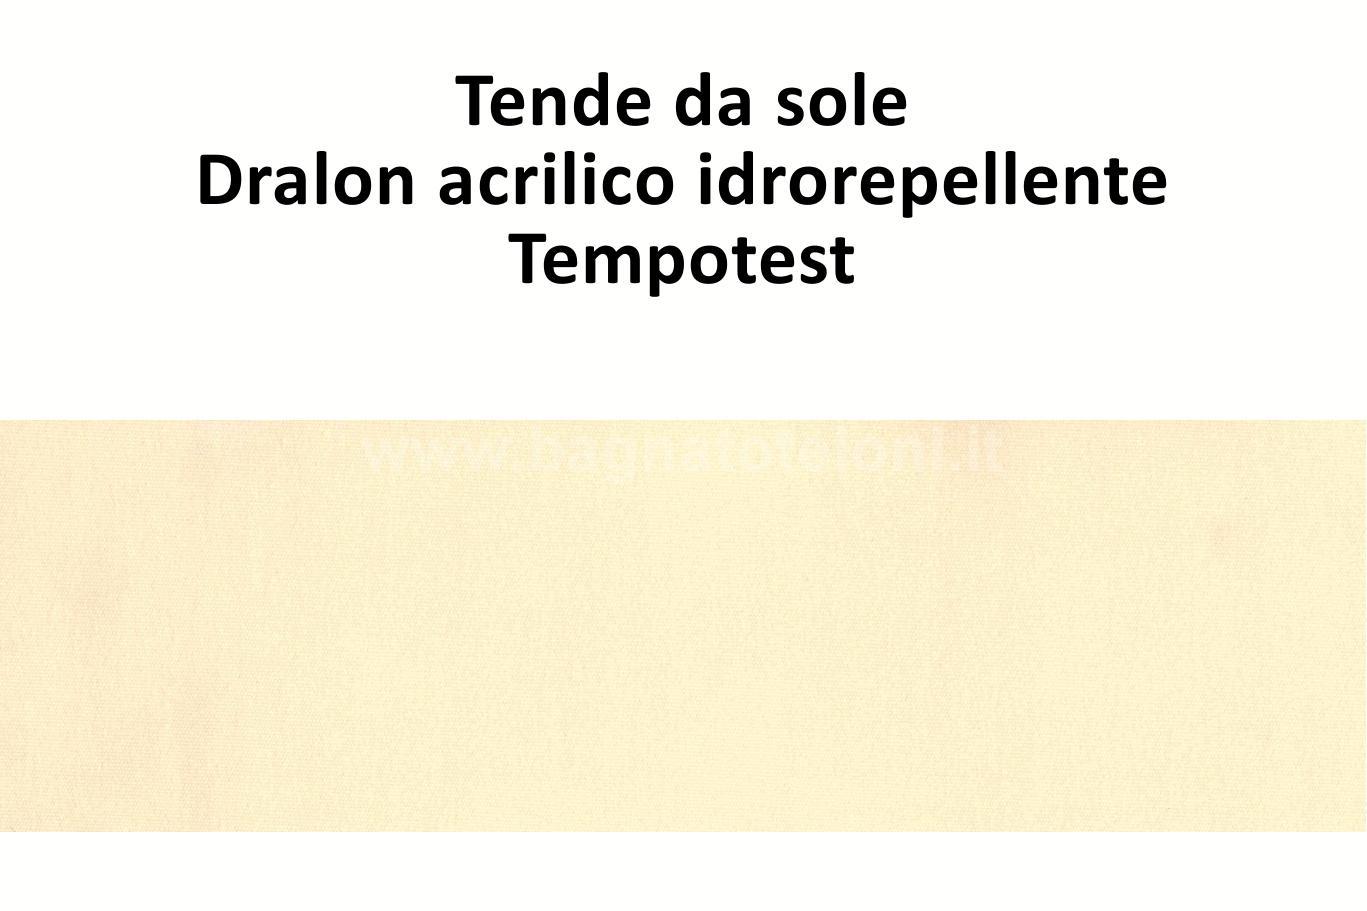 tende da sole dralon acrilico idrorepellente beige